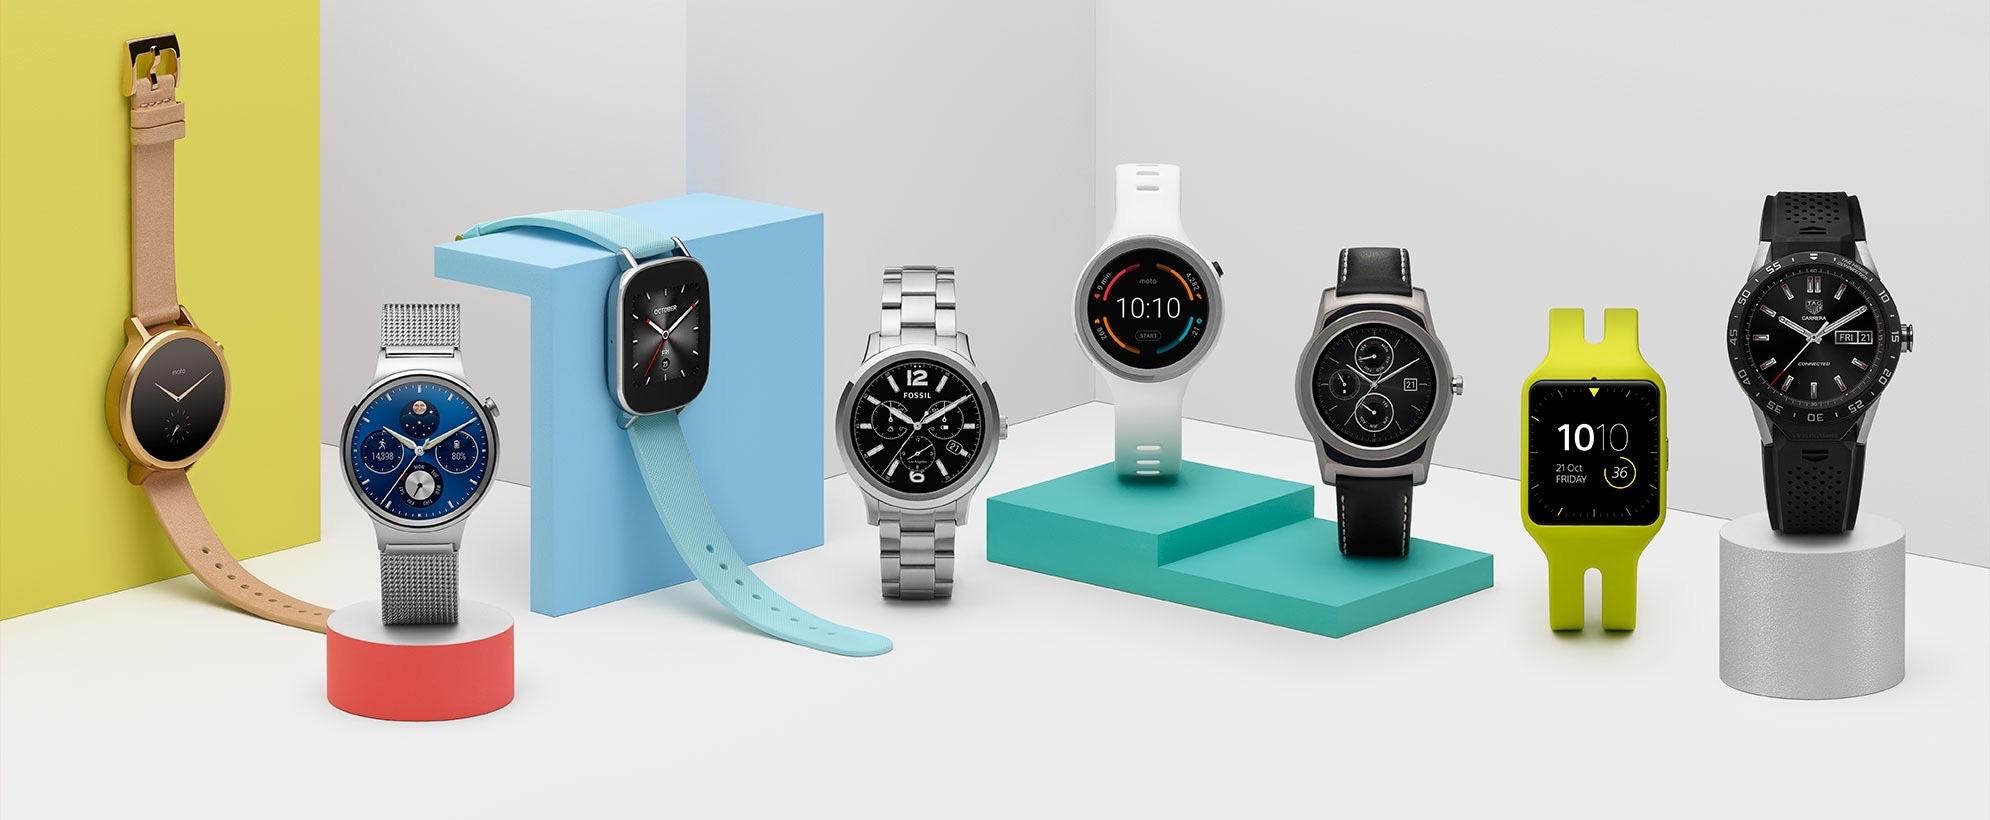 Relógios com o sistema operacional Android Wear